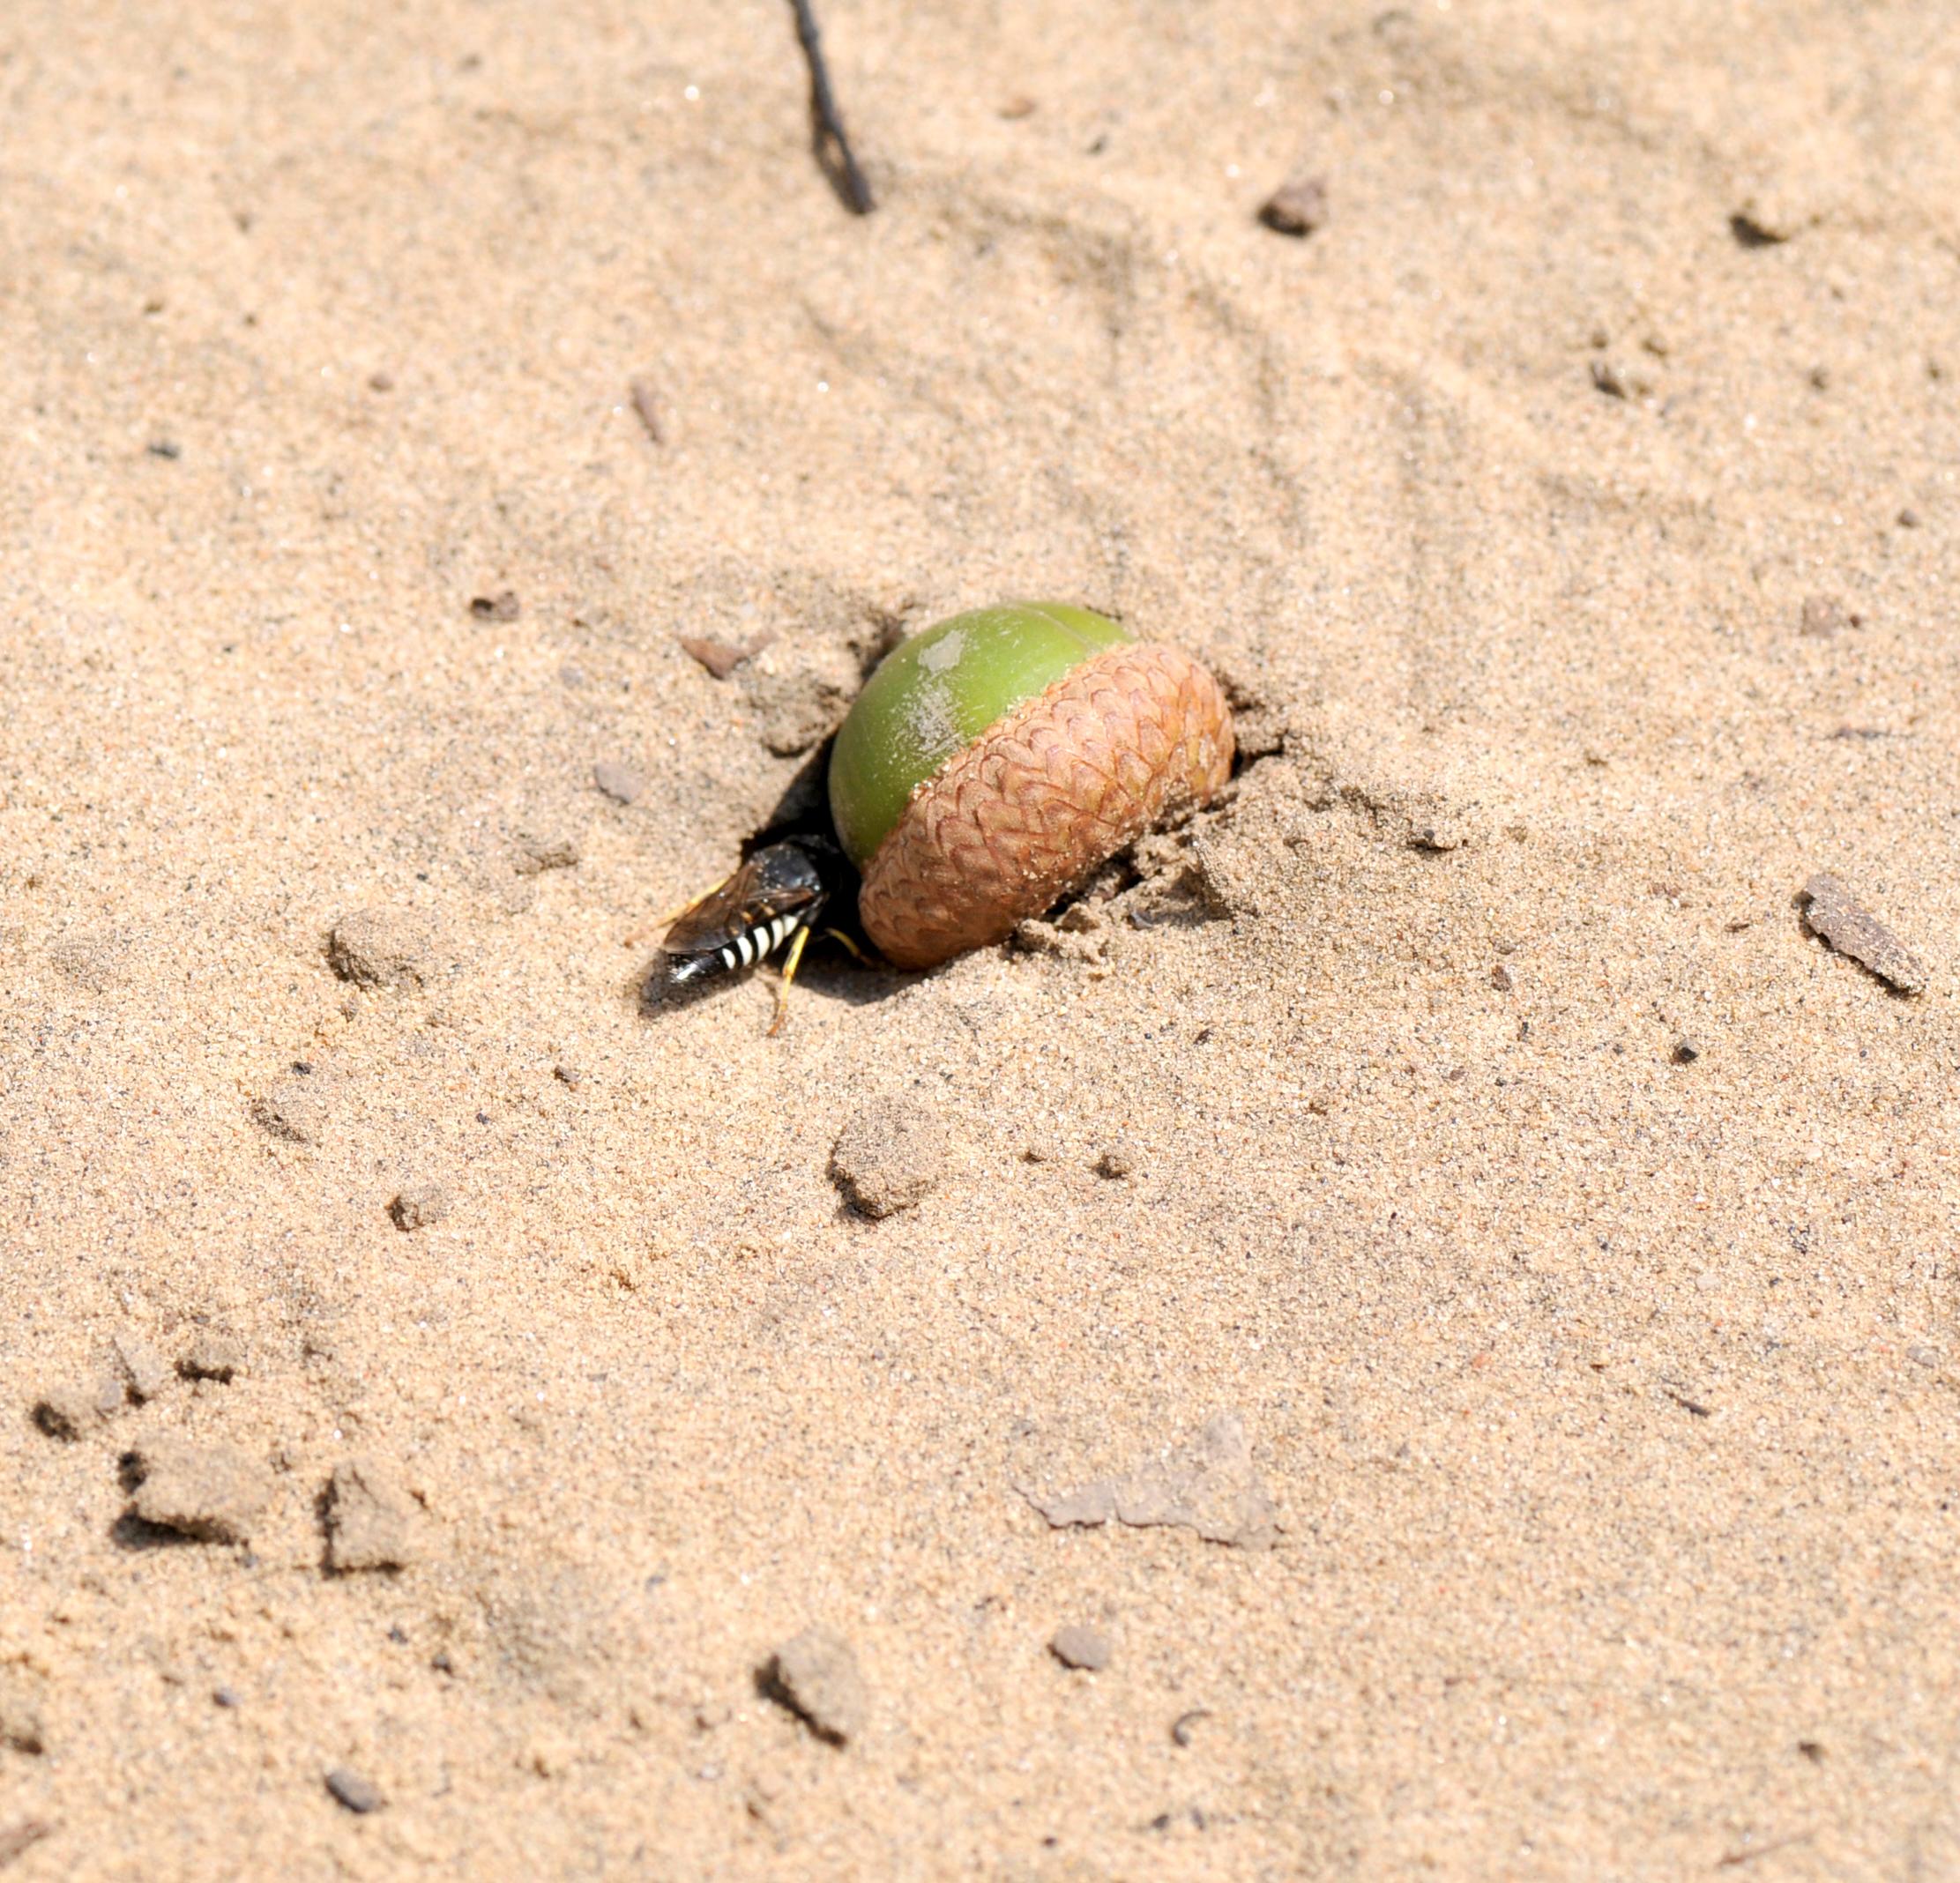 Sand wasp nest